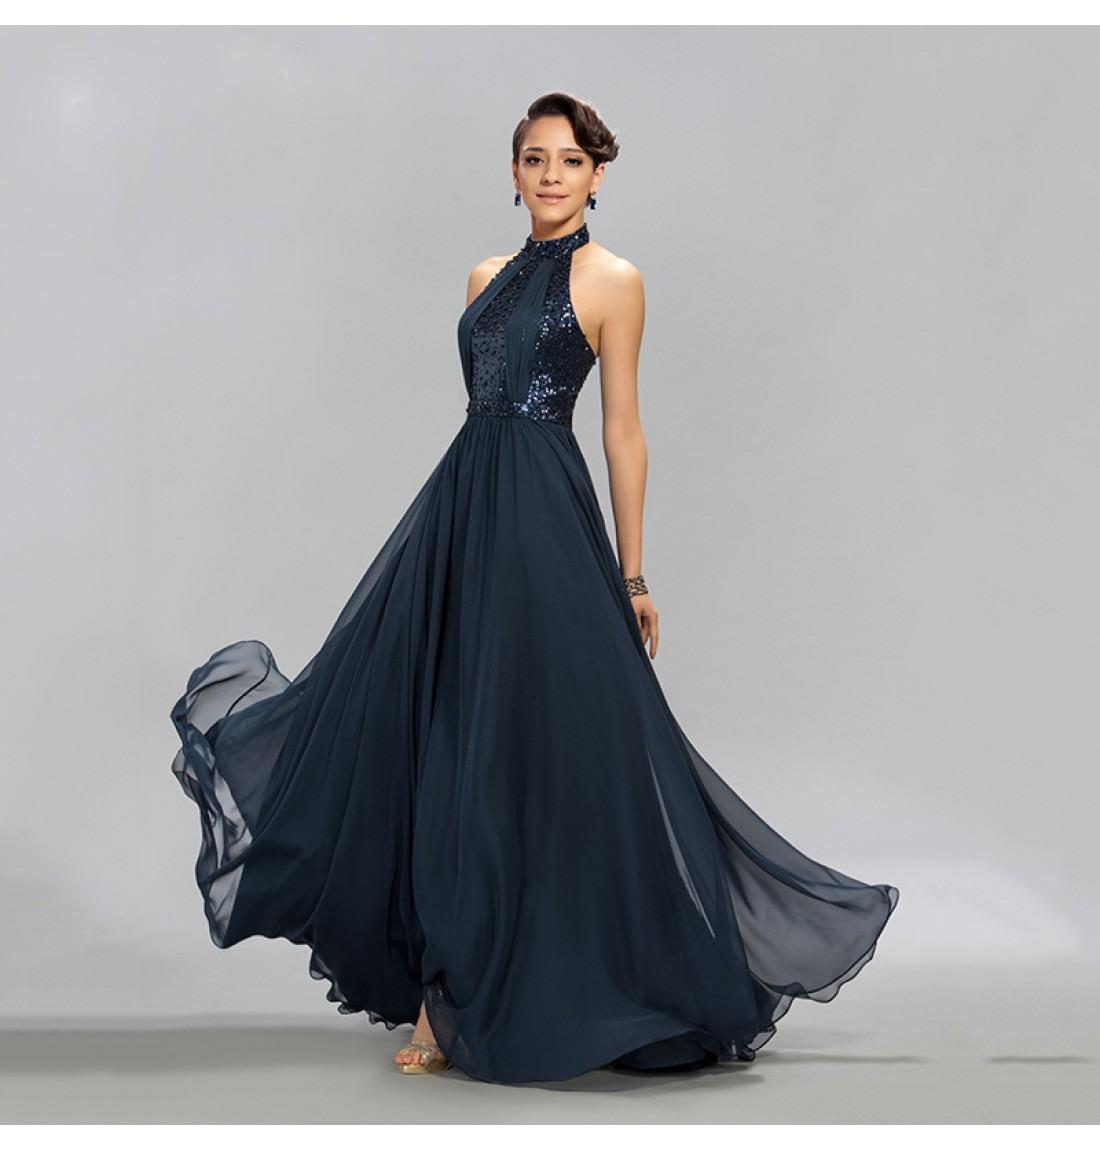 20 Ausgezeichnet Abendkleid Auf Rechnung Spezialgebiet13 Schön Abendkleid Auf Rechnung Spezialgebiet